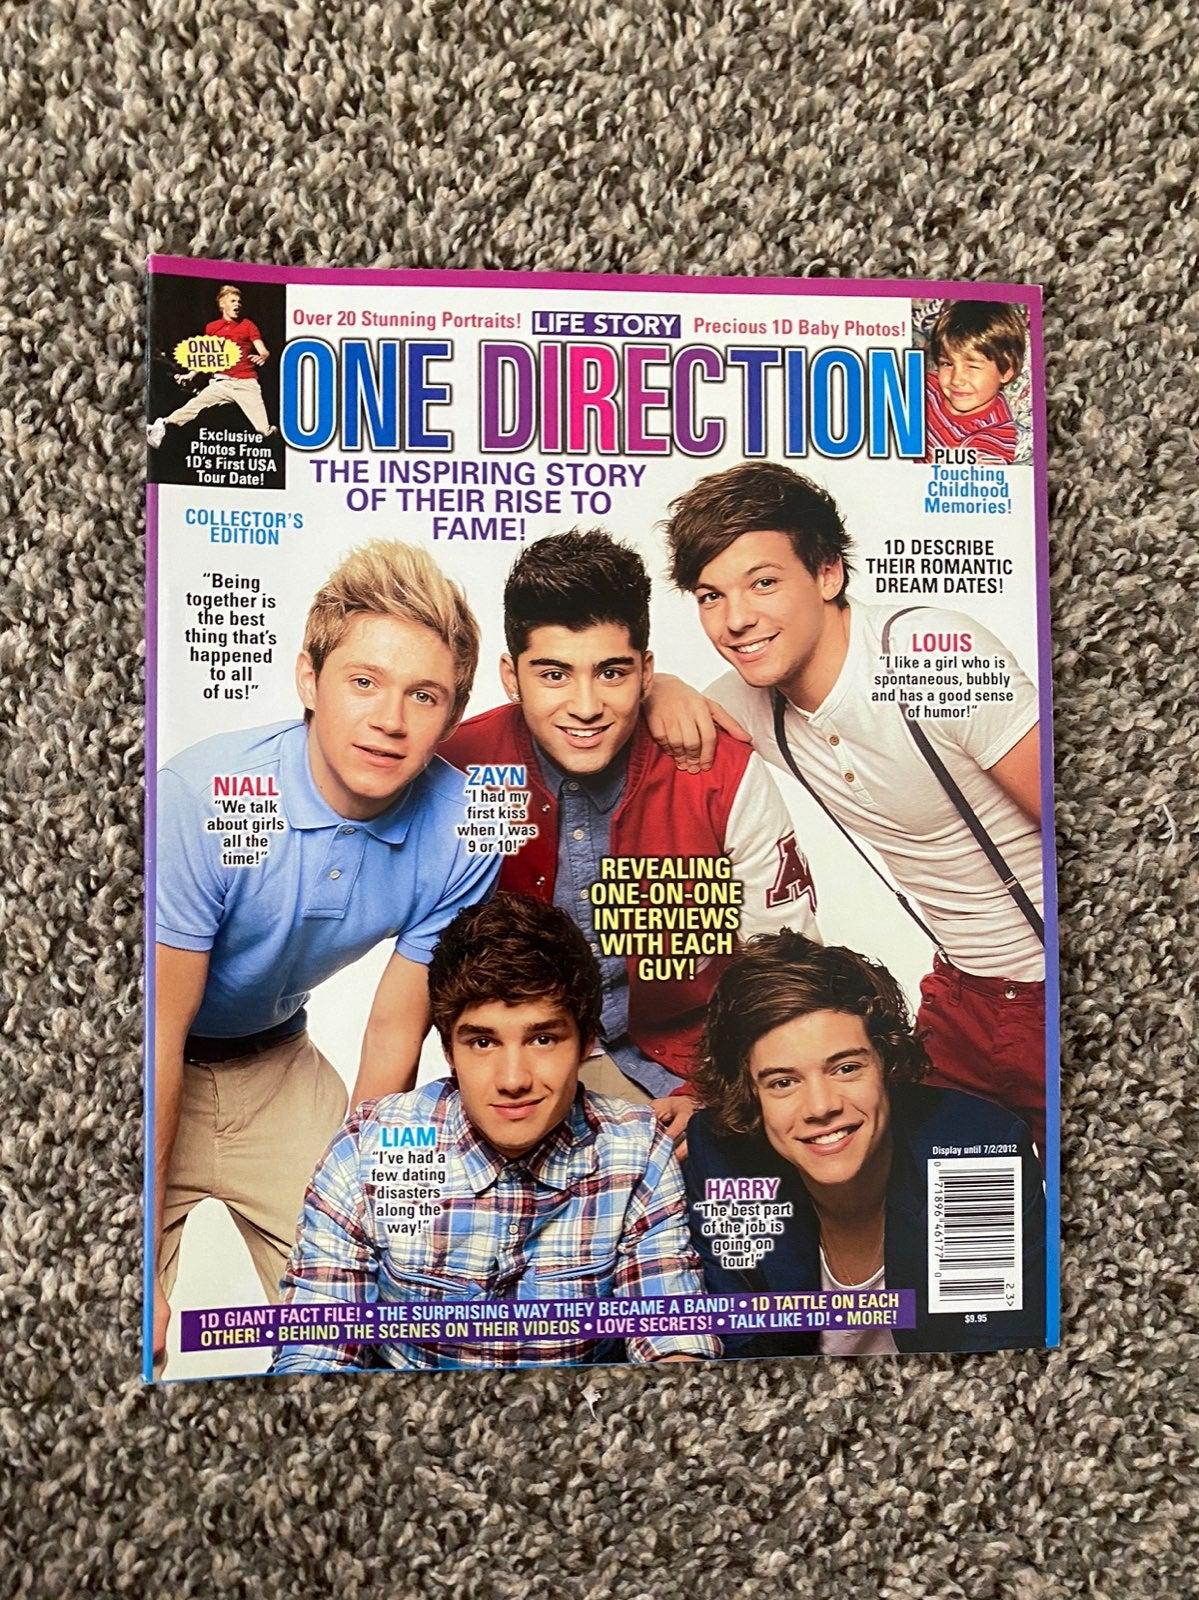 one direction life story magazine